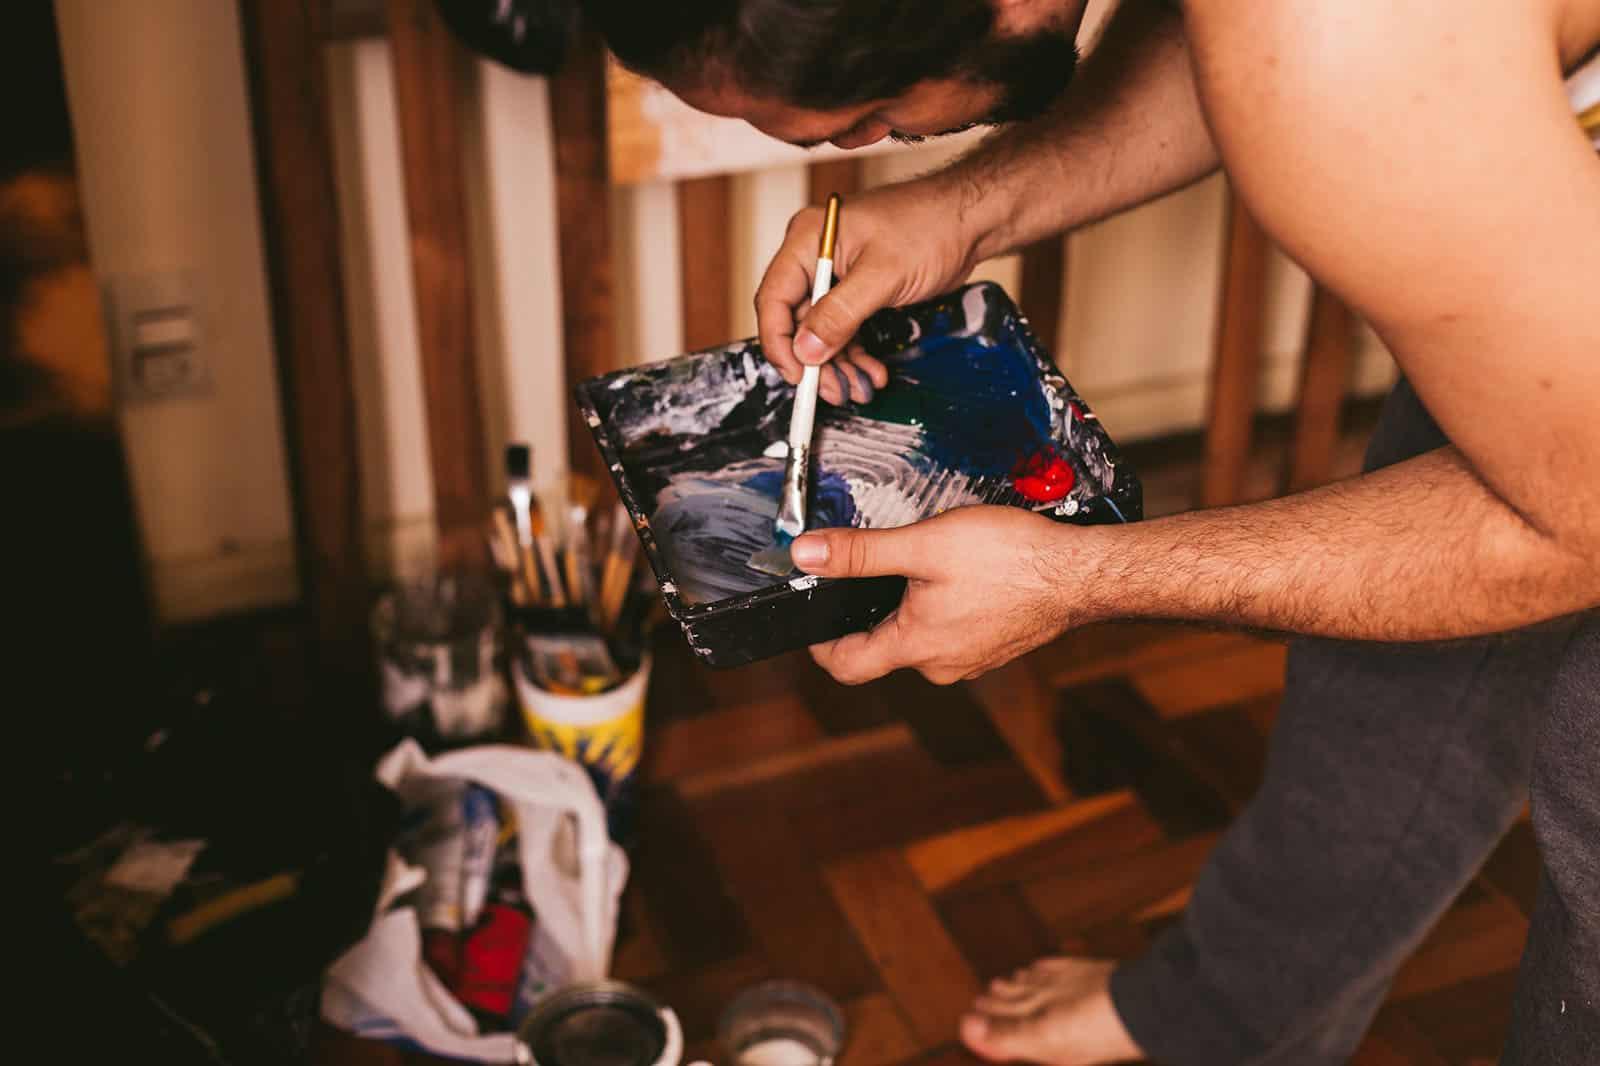 ein Mann, der beim Malen einen Pinsel hält